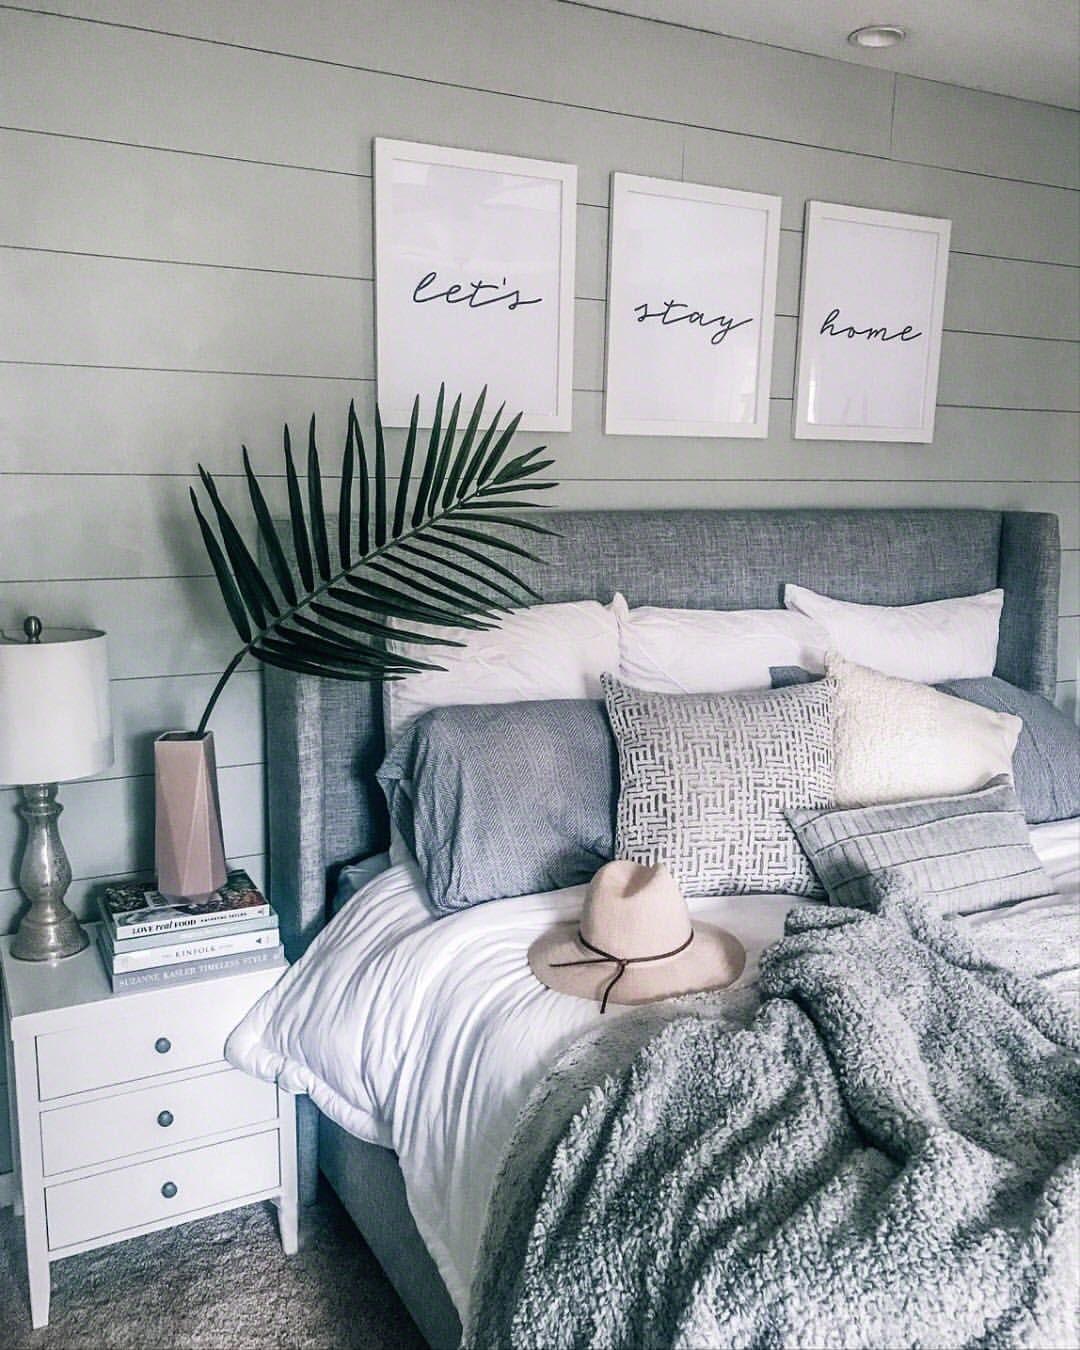 Grey, white, cozy bedroom decor